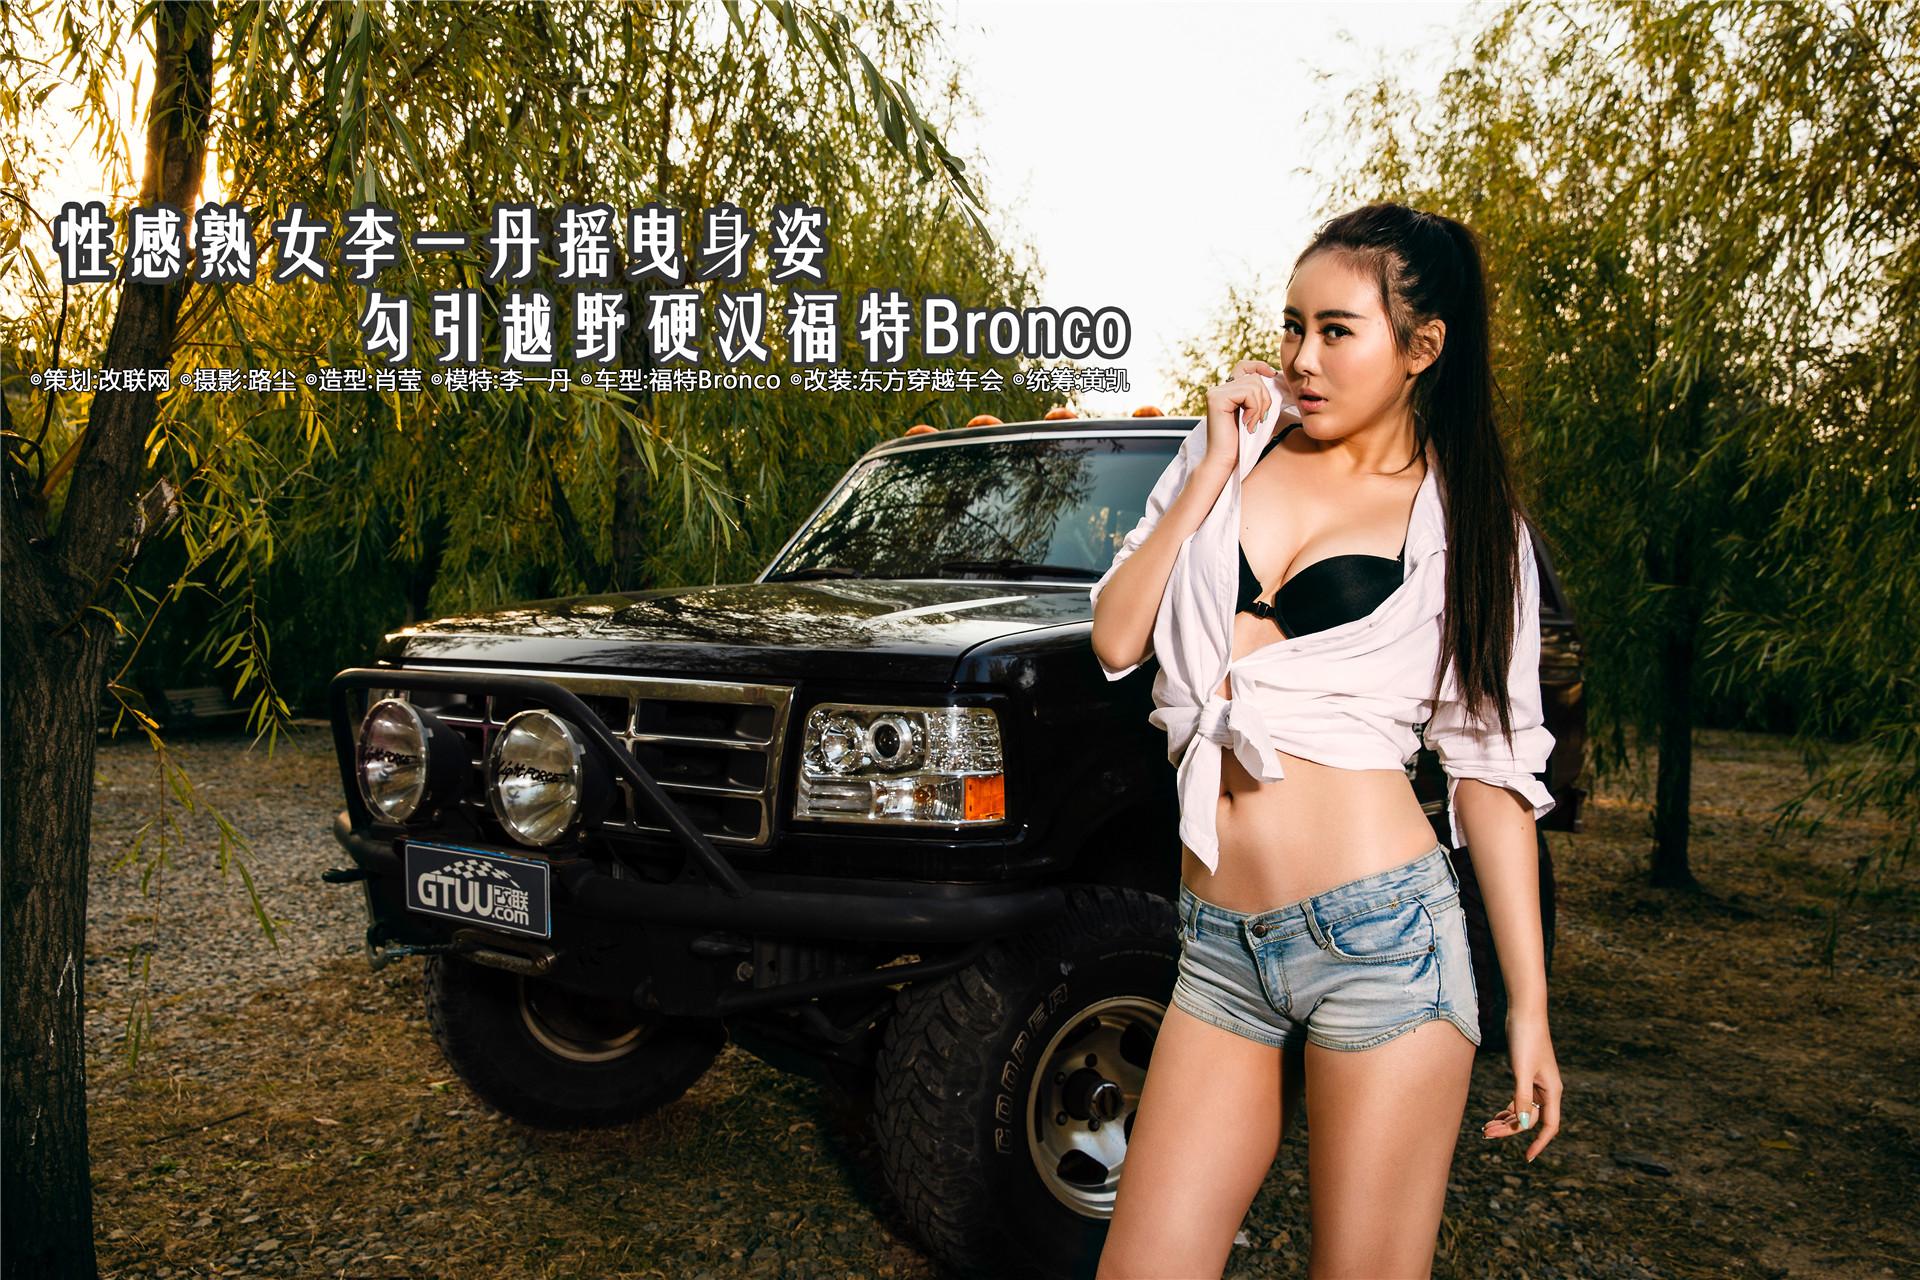 熟女李一丹摇曳身姿勾引越野硬汉福特Bronco